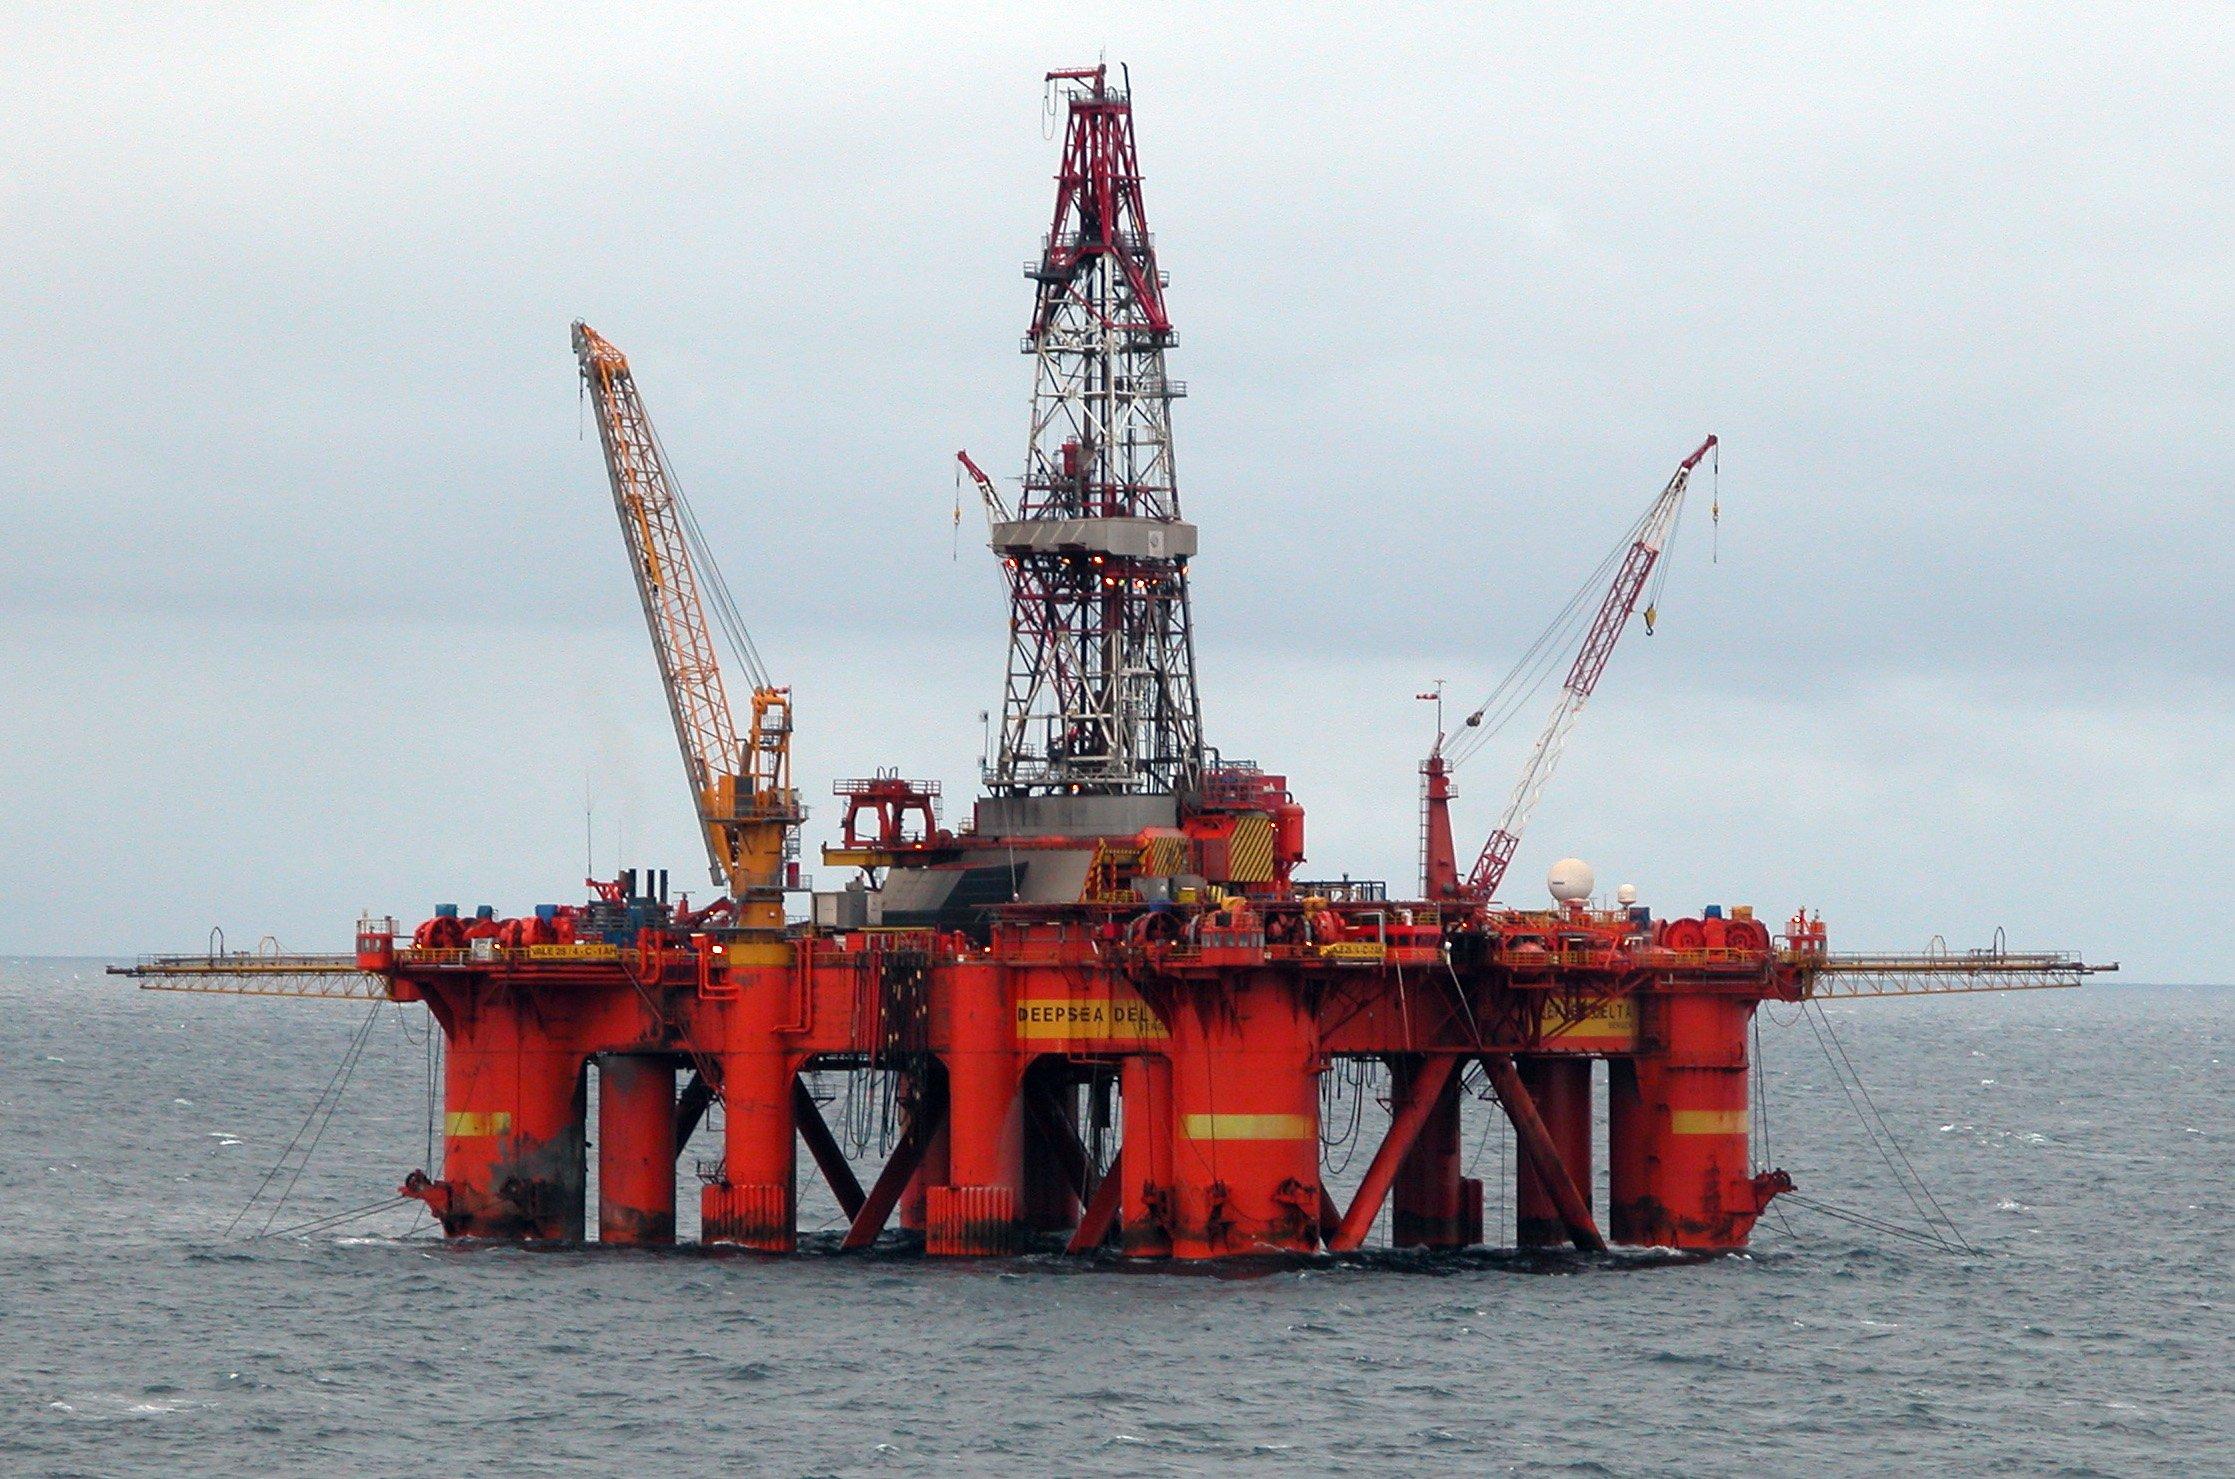 Albero Di Natale Petrolio.Estrazione Petrolio Come Avviene E Quali Sono I Pericoli Per L Ambiente